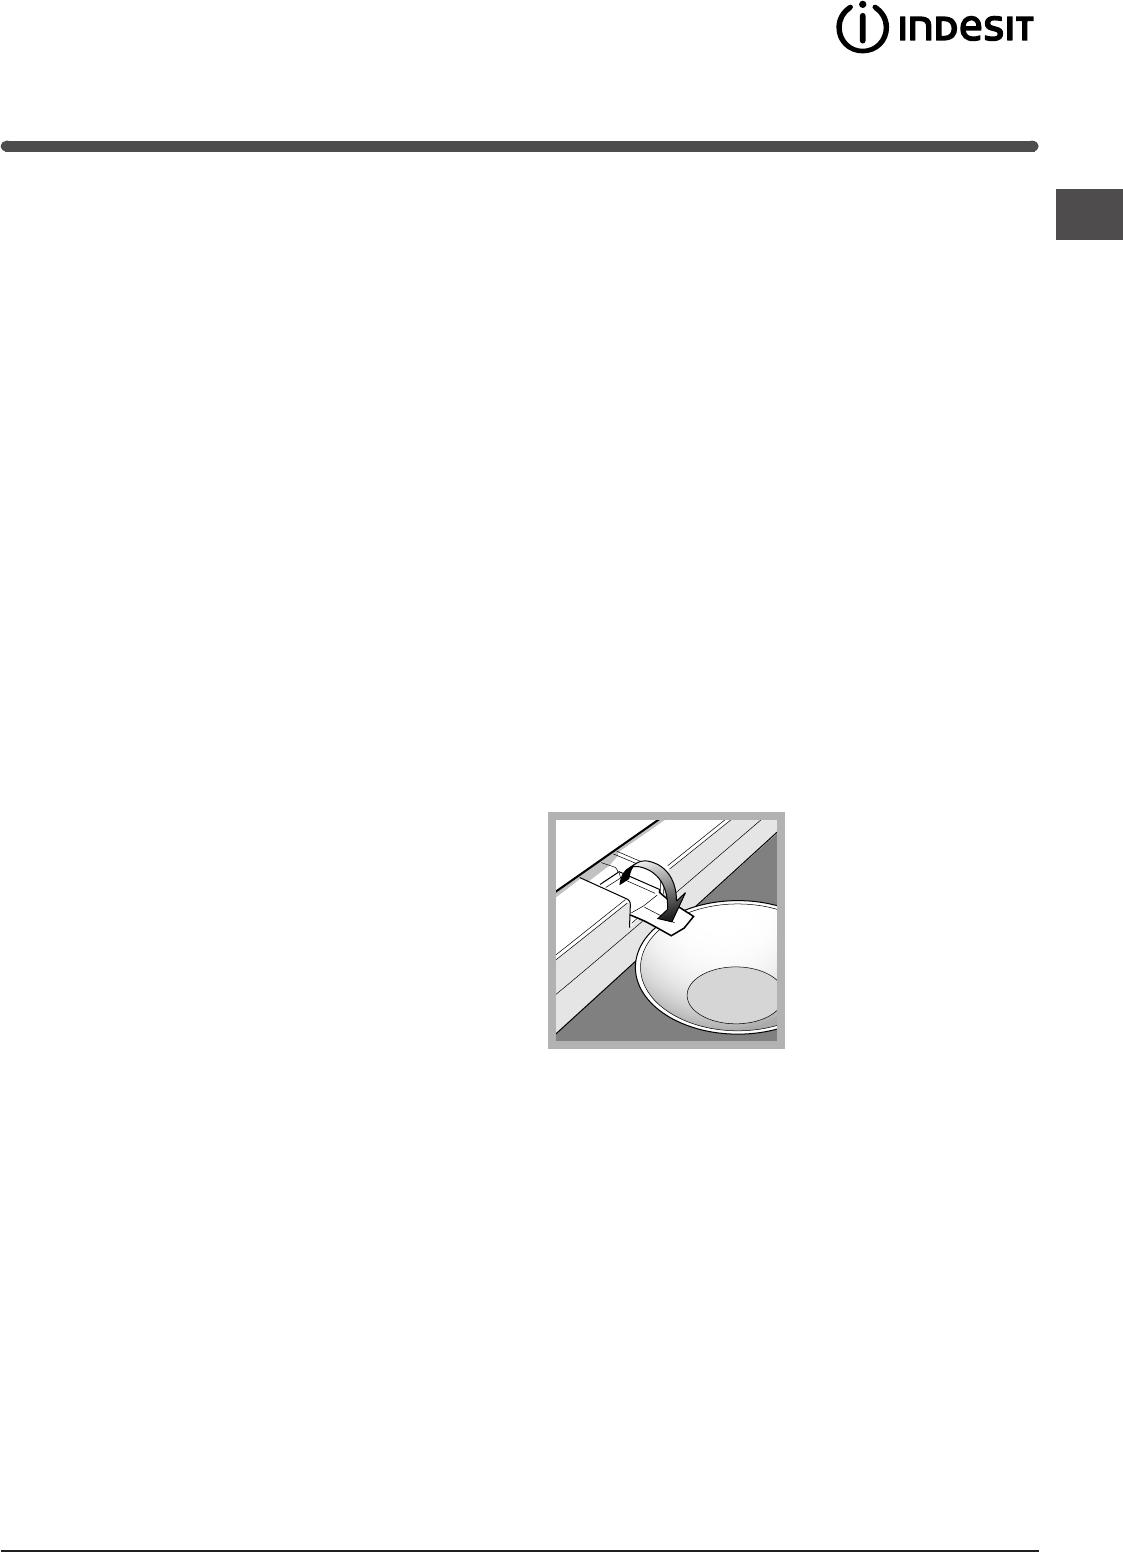 Handleiding Indesit TZA 1 (pagina 17 van 72) (Dansk, Deutsch ...